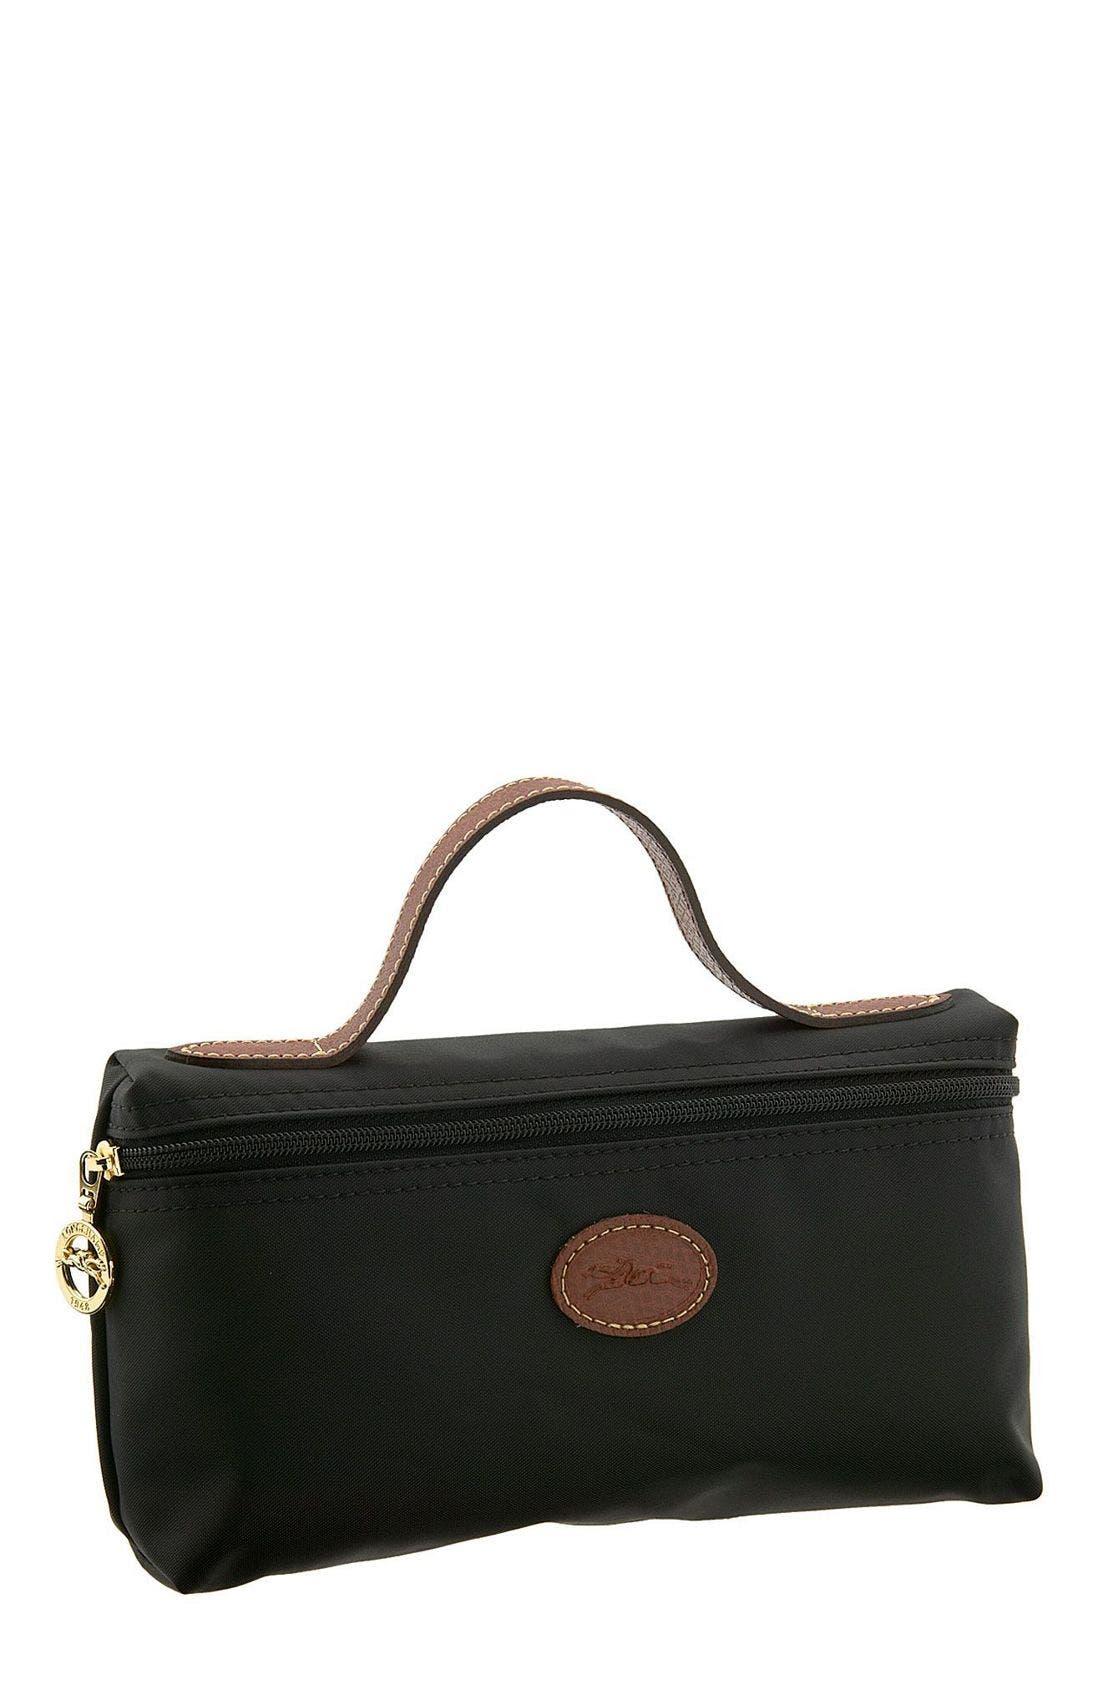 Main Image - Longchamp 'Le Pliage' Pouchette